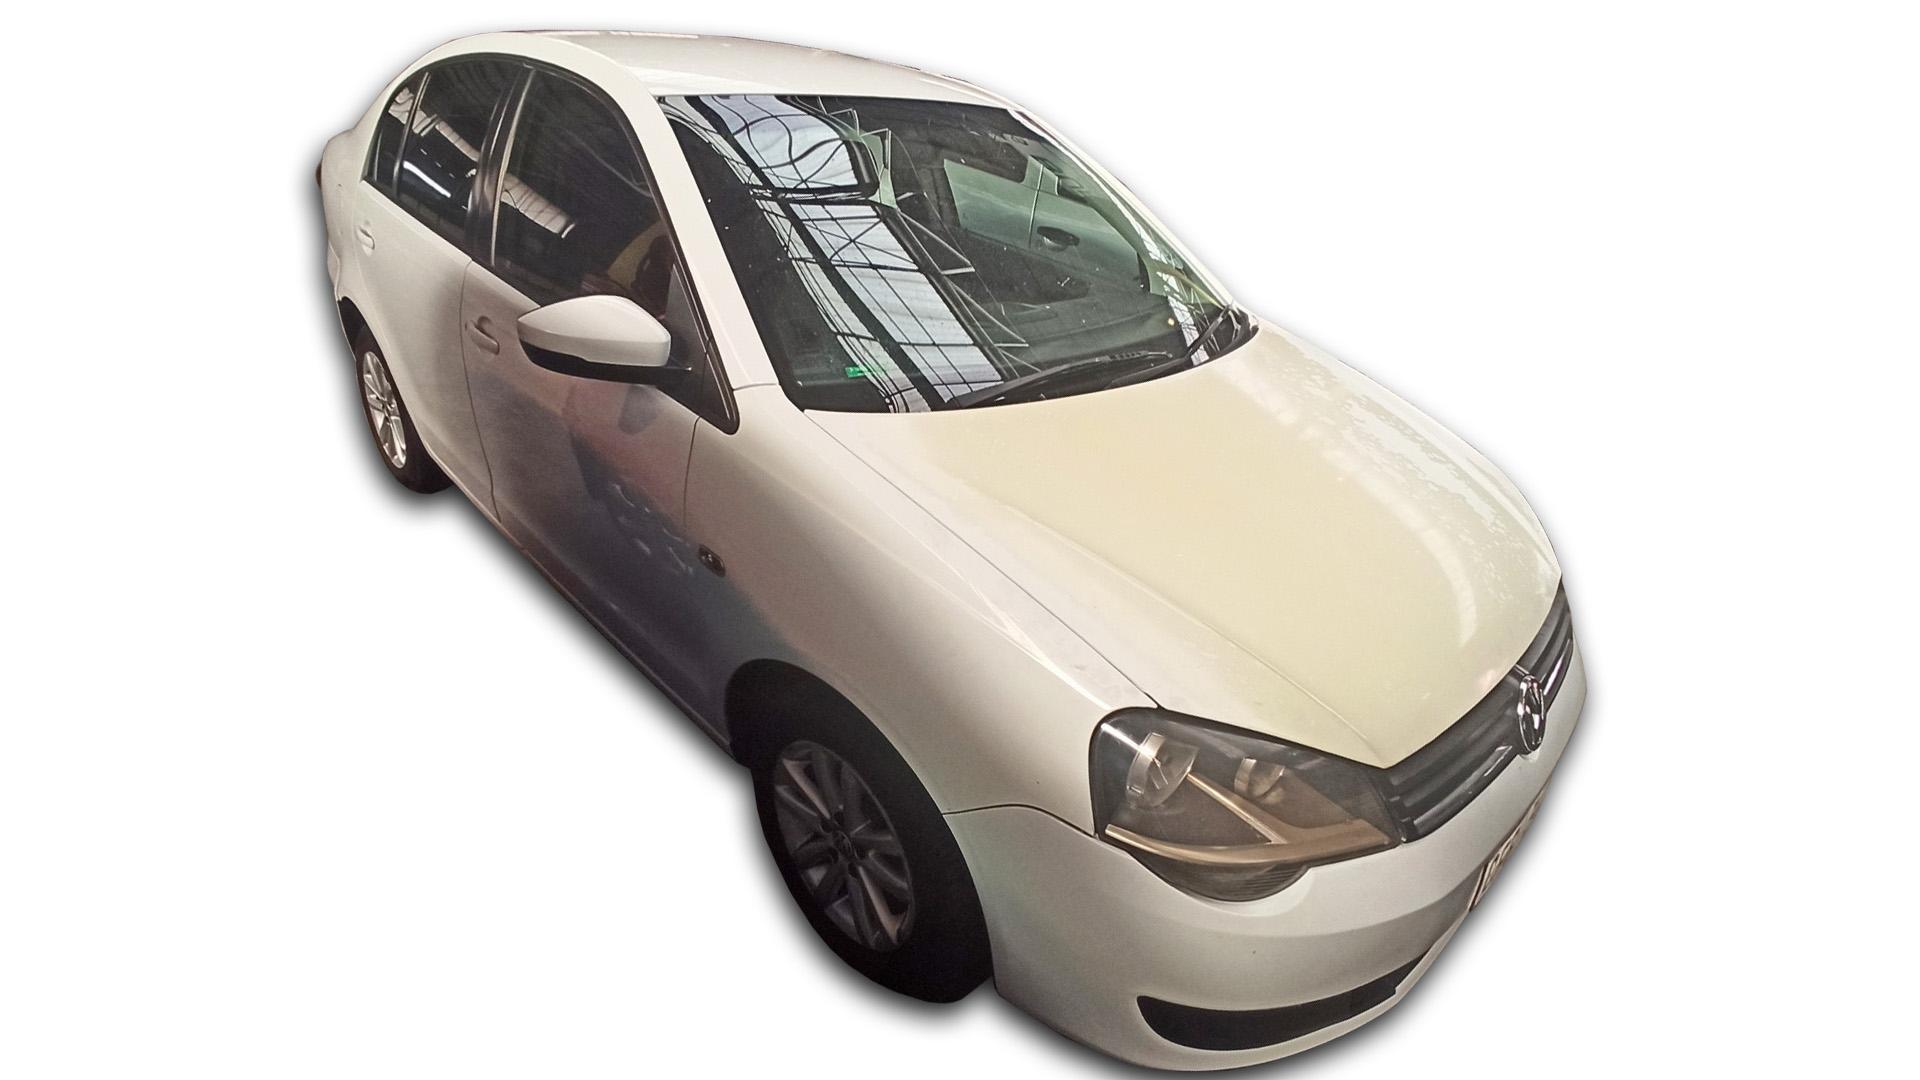 VW Polo Vivo GP 1.6 TR